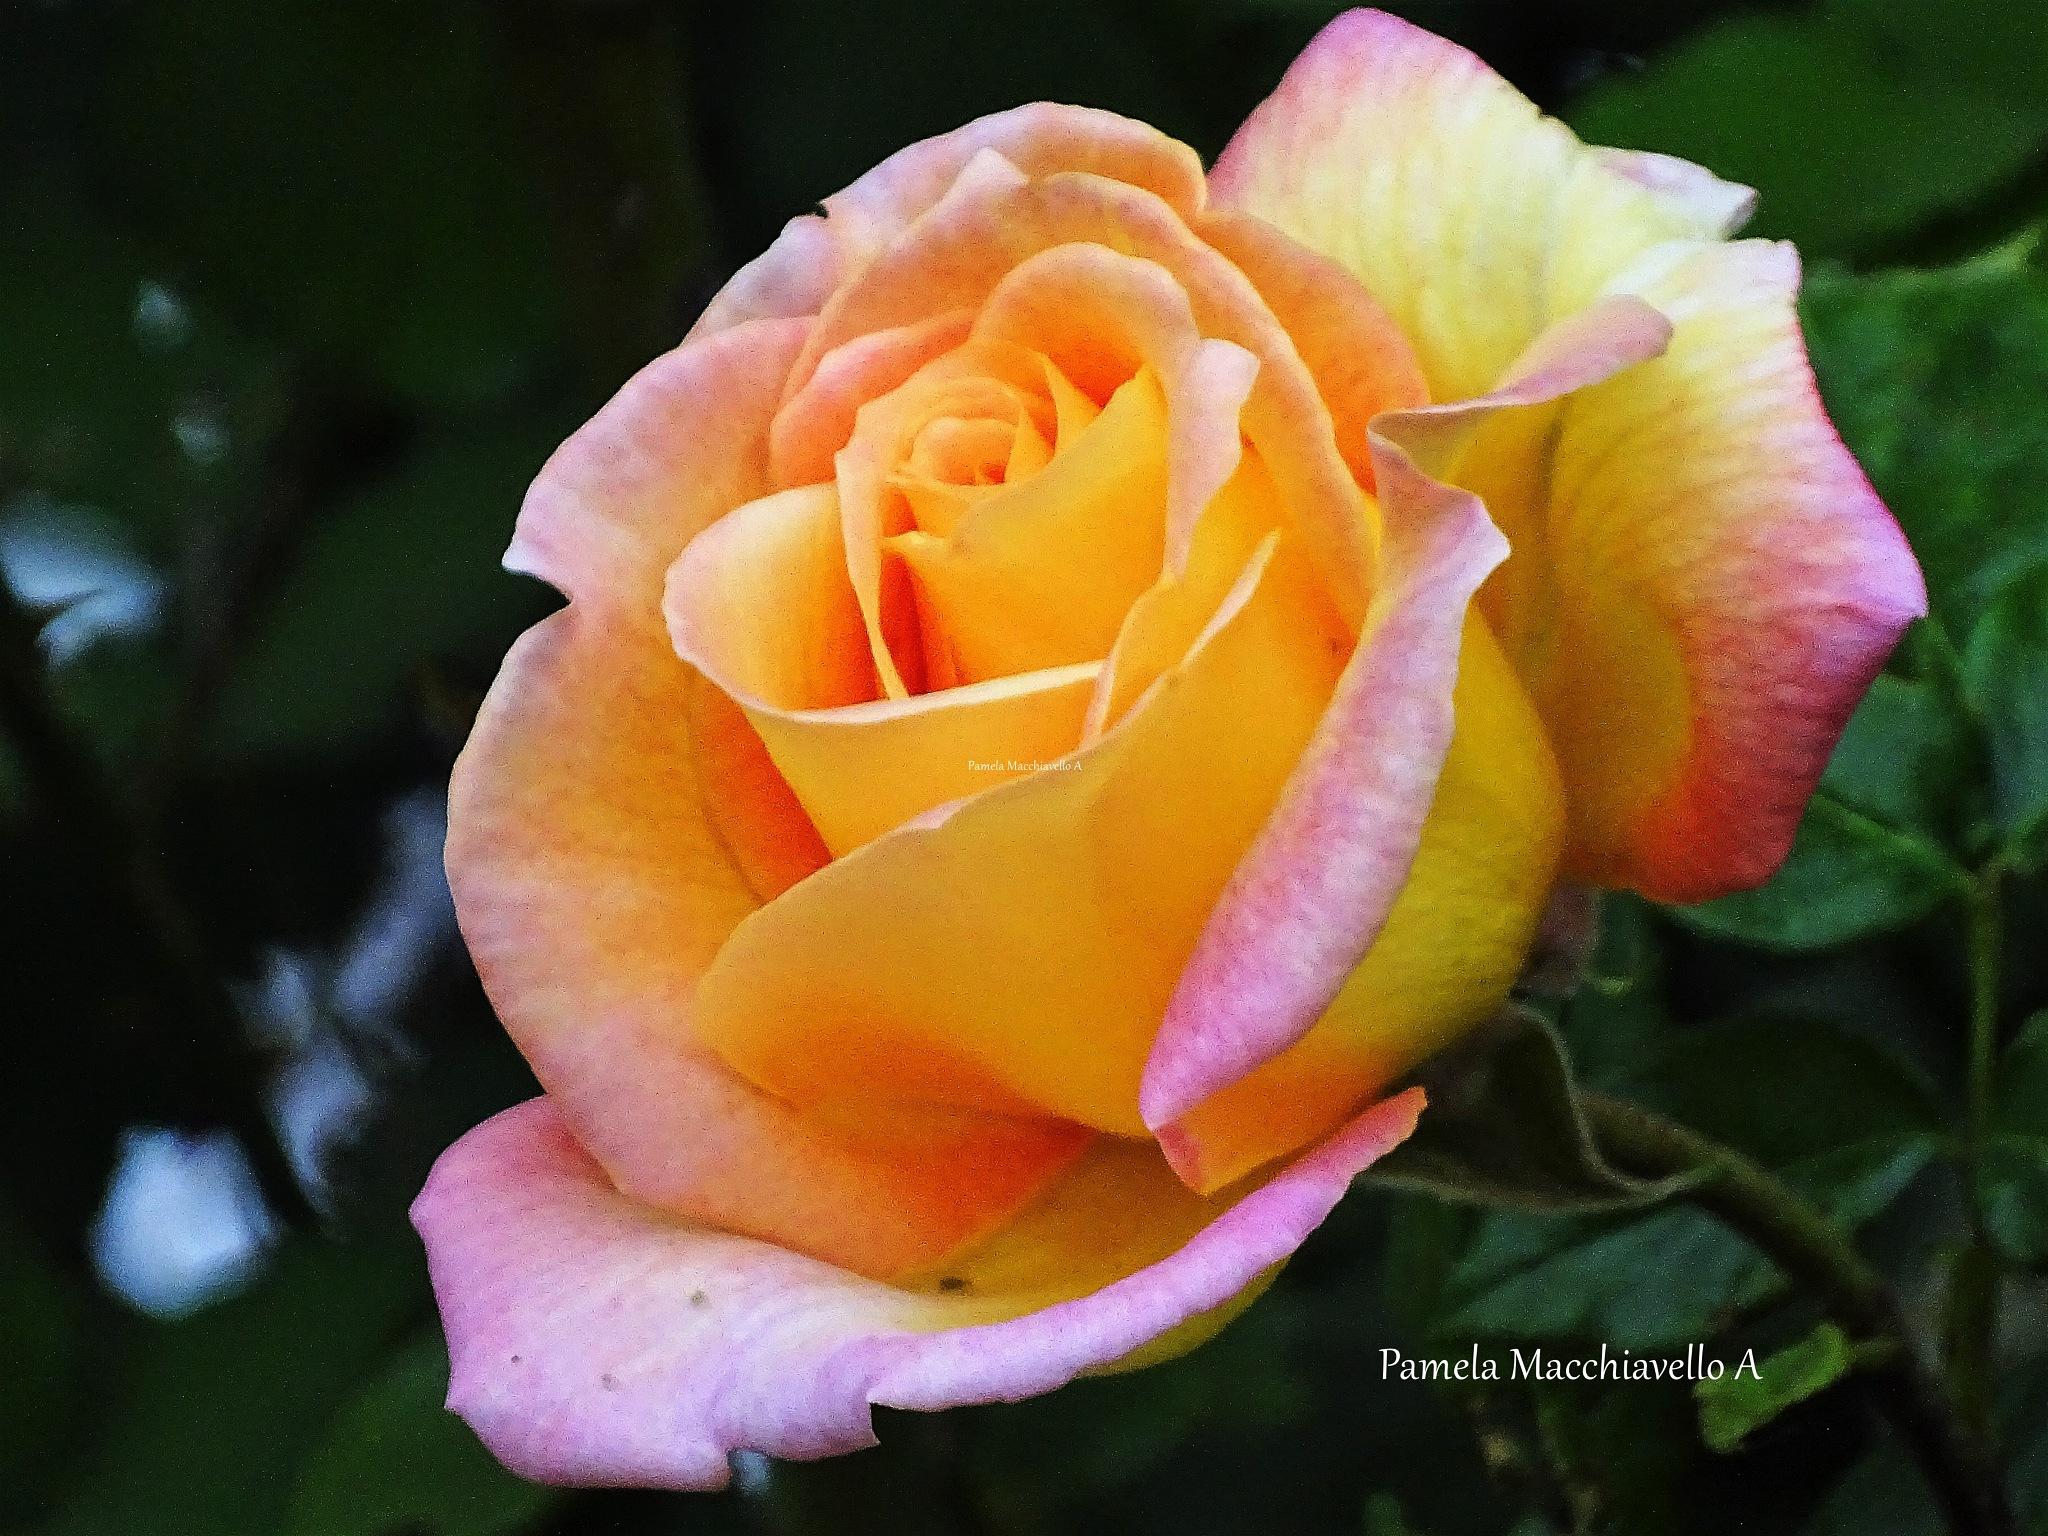 Rose by Pamela Macc